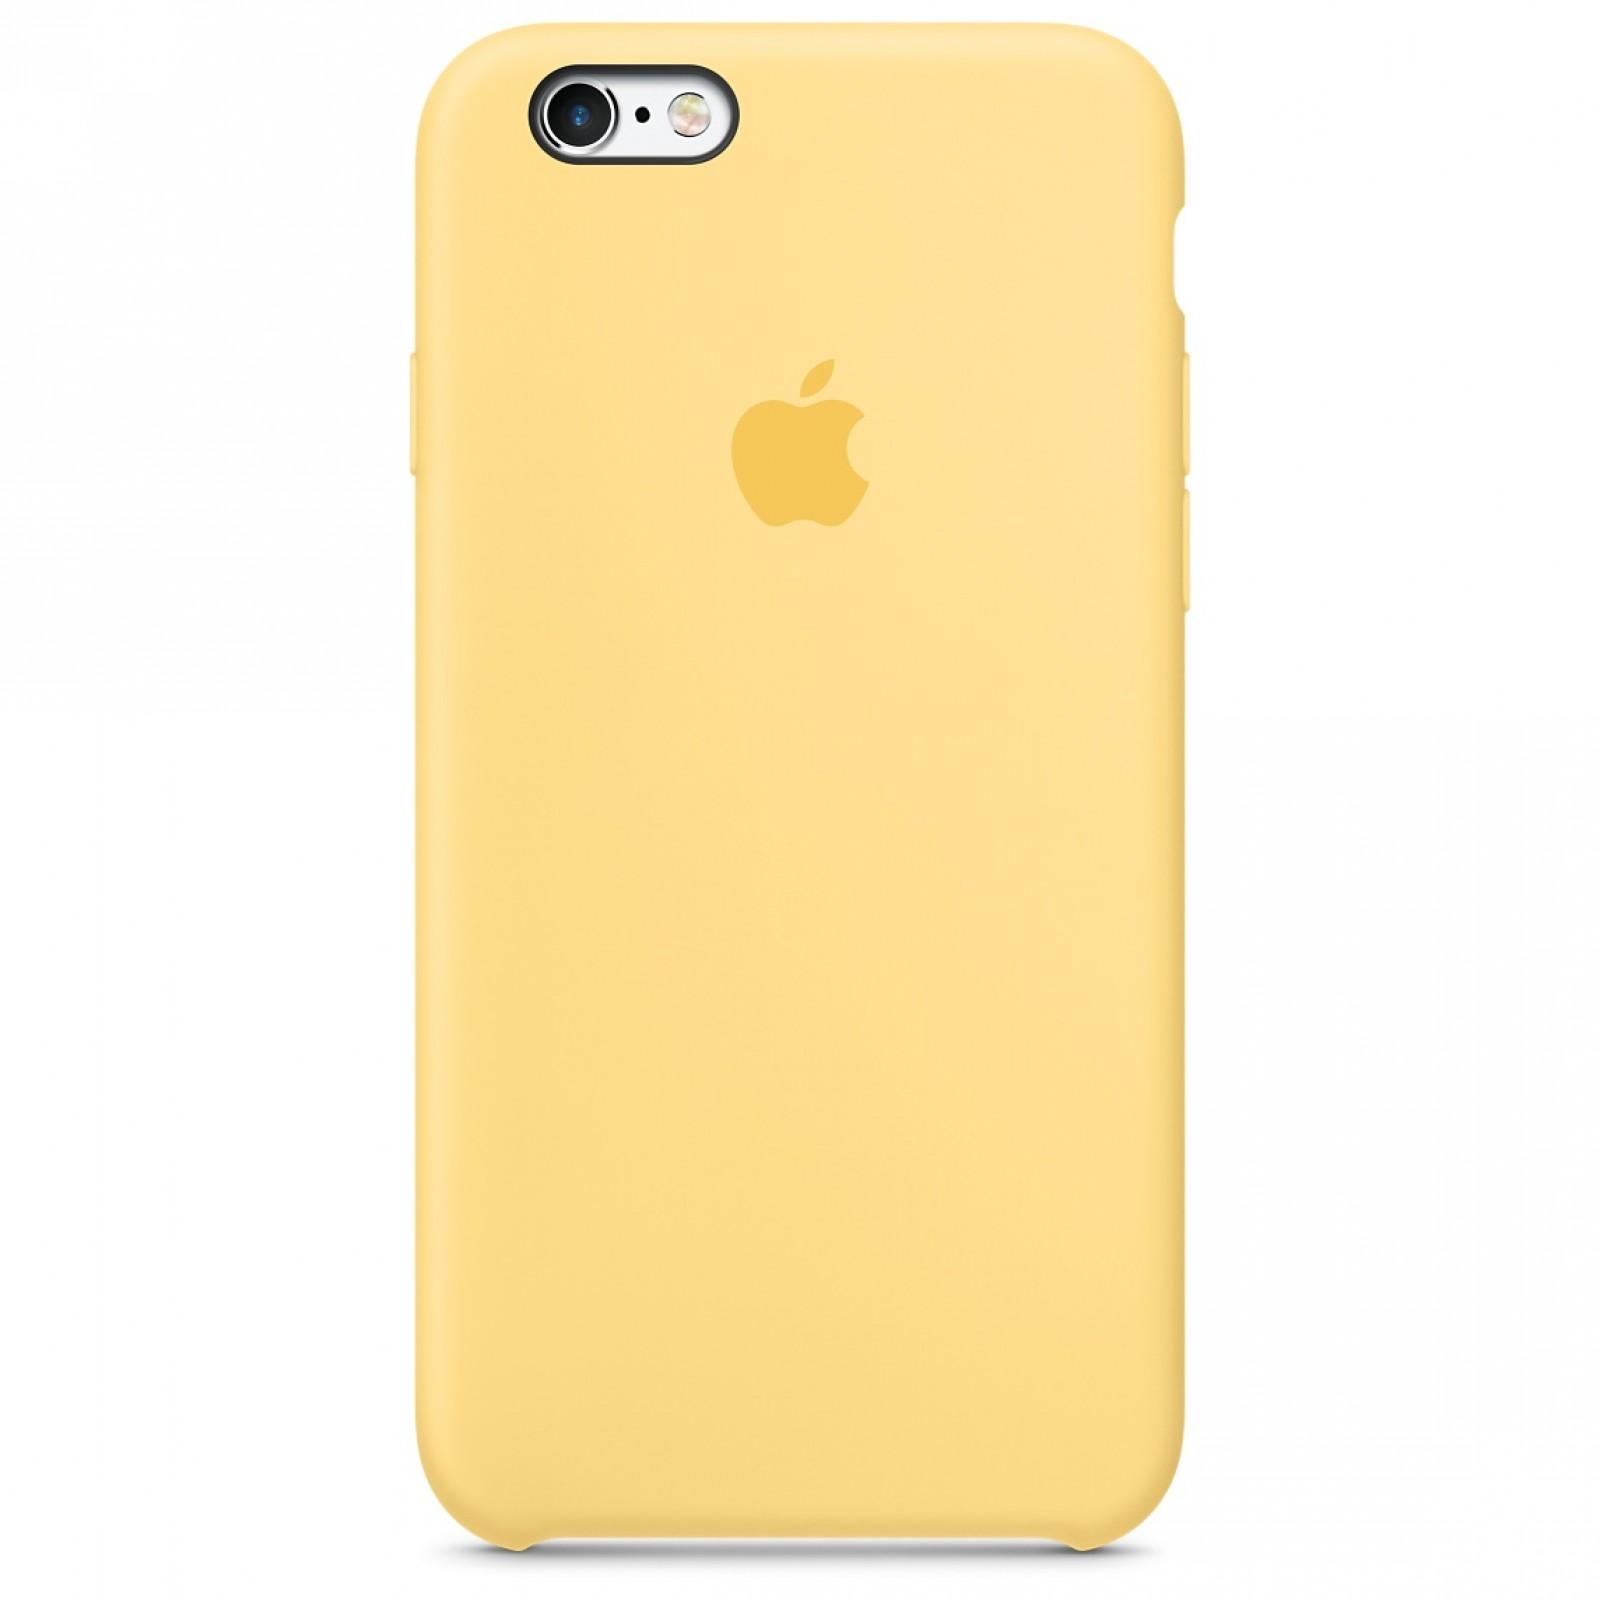 เคสไอโฟน 7 / 8  สีเหลือง (Original)